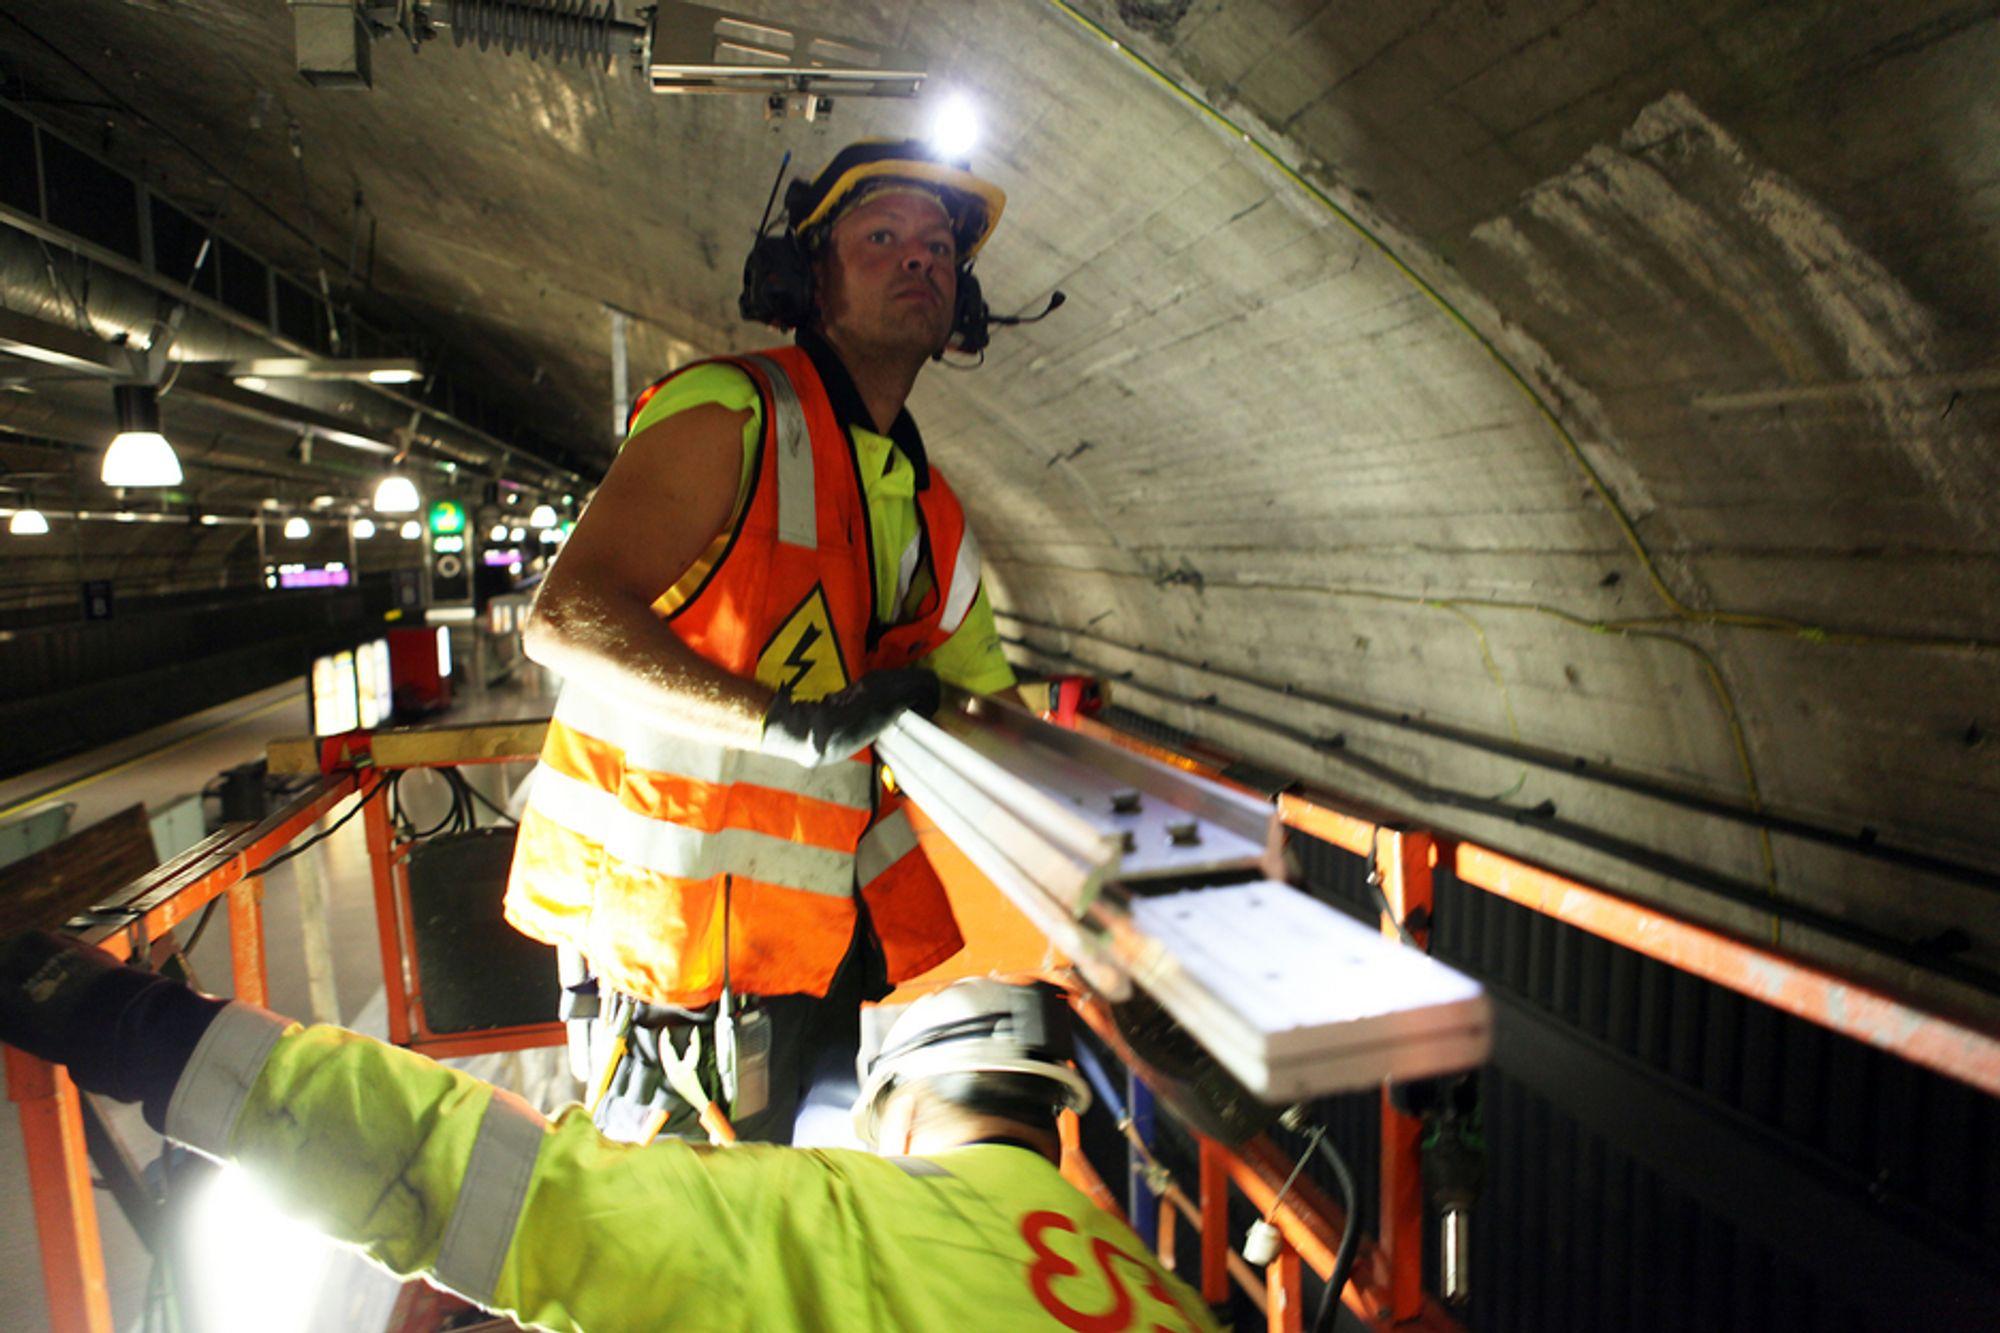 Investeringene i jernbanen har gått i været de siste årene, mens punktligheten har gått motsatt vei. Her fra montering av takstrømskinne i Oslotunnelen.